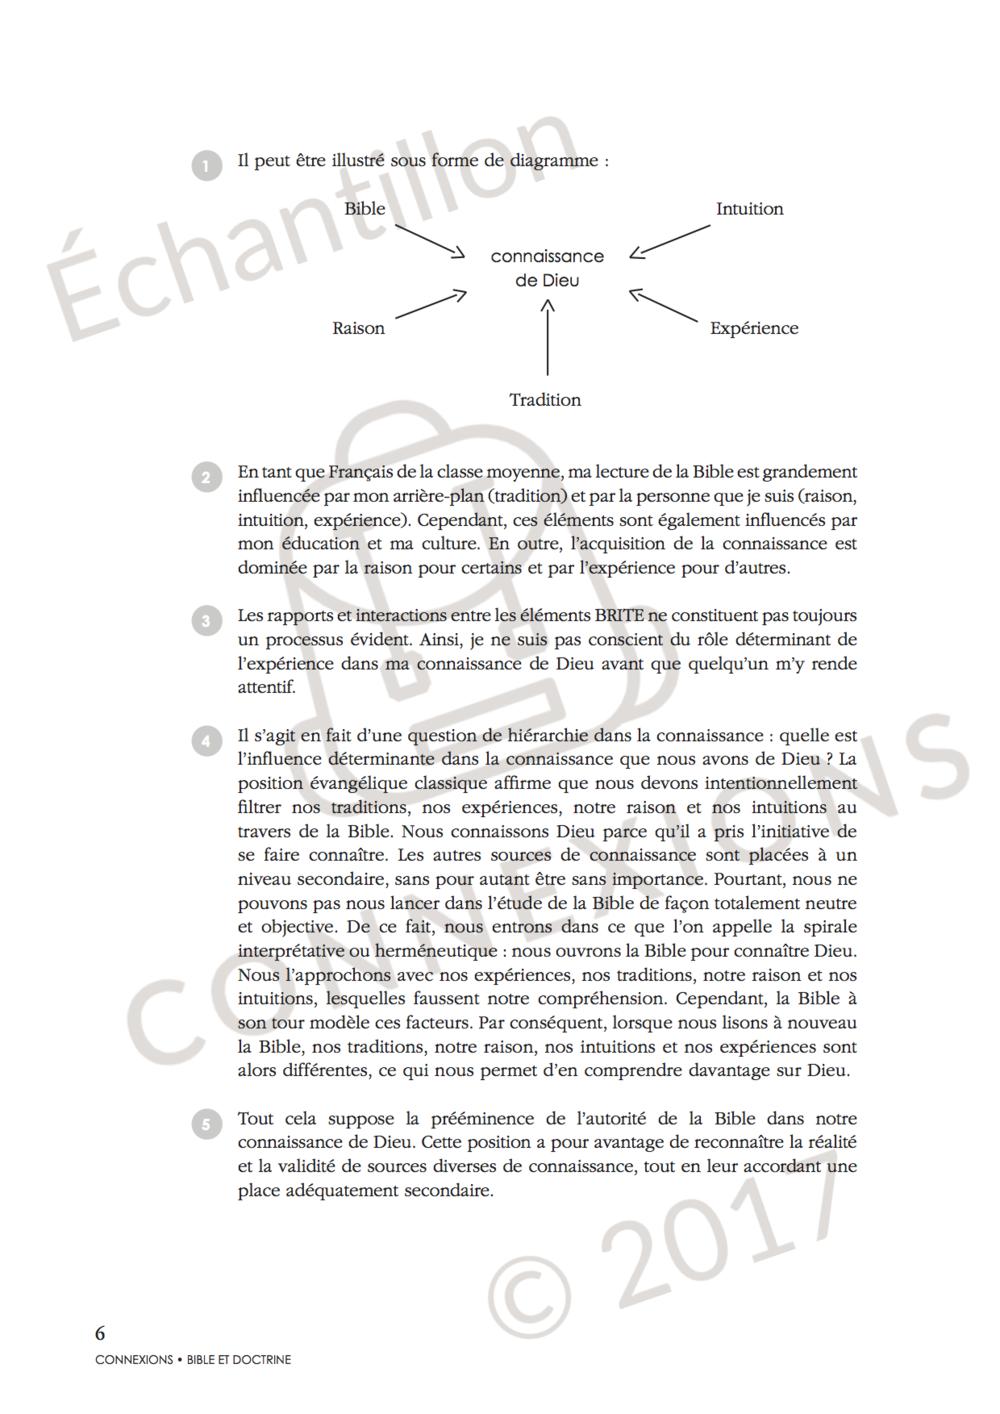 La visée missionnelle du récit biblique_sample_published.3.png